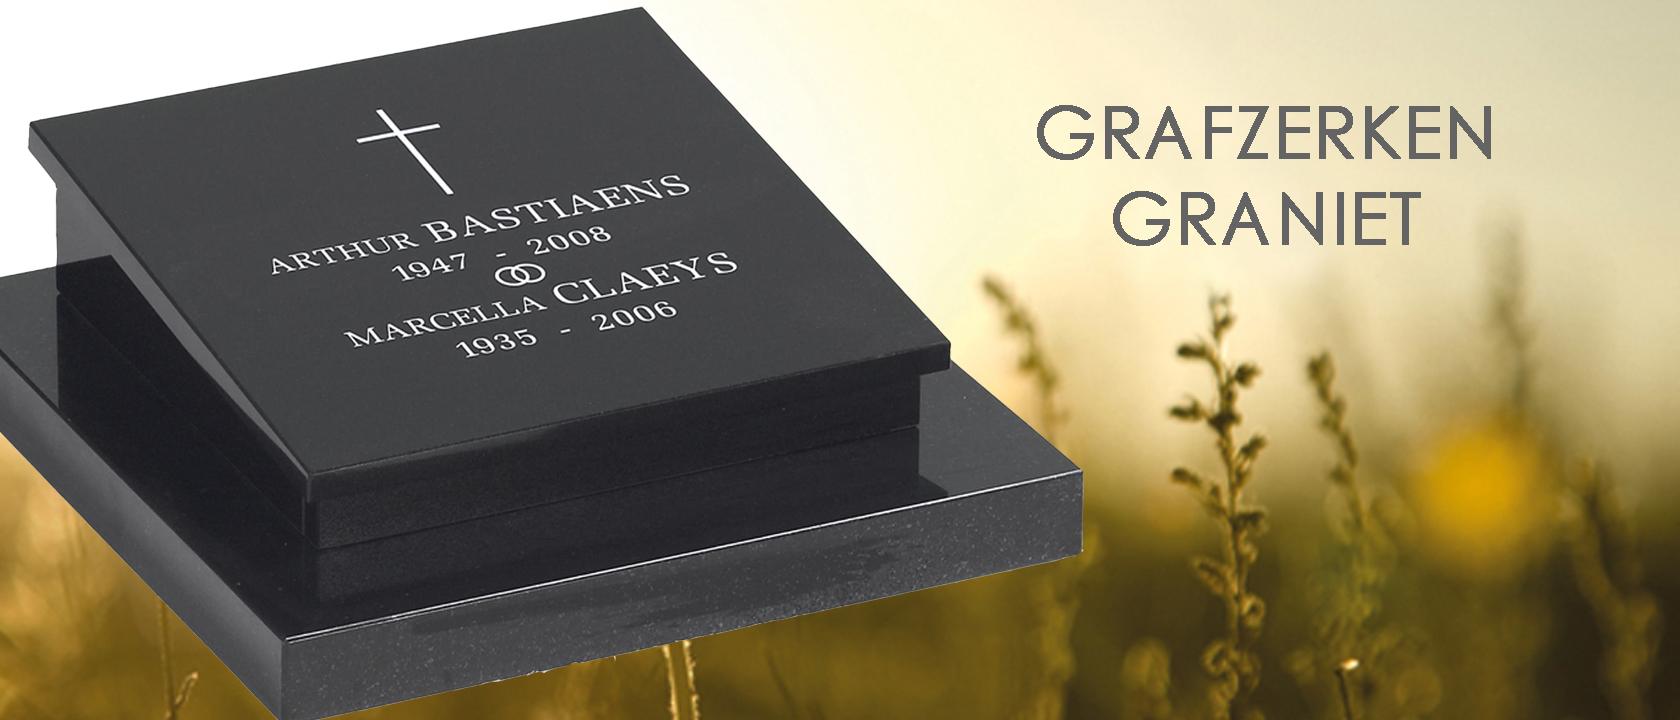 Grafzerken graniet